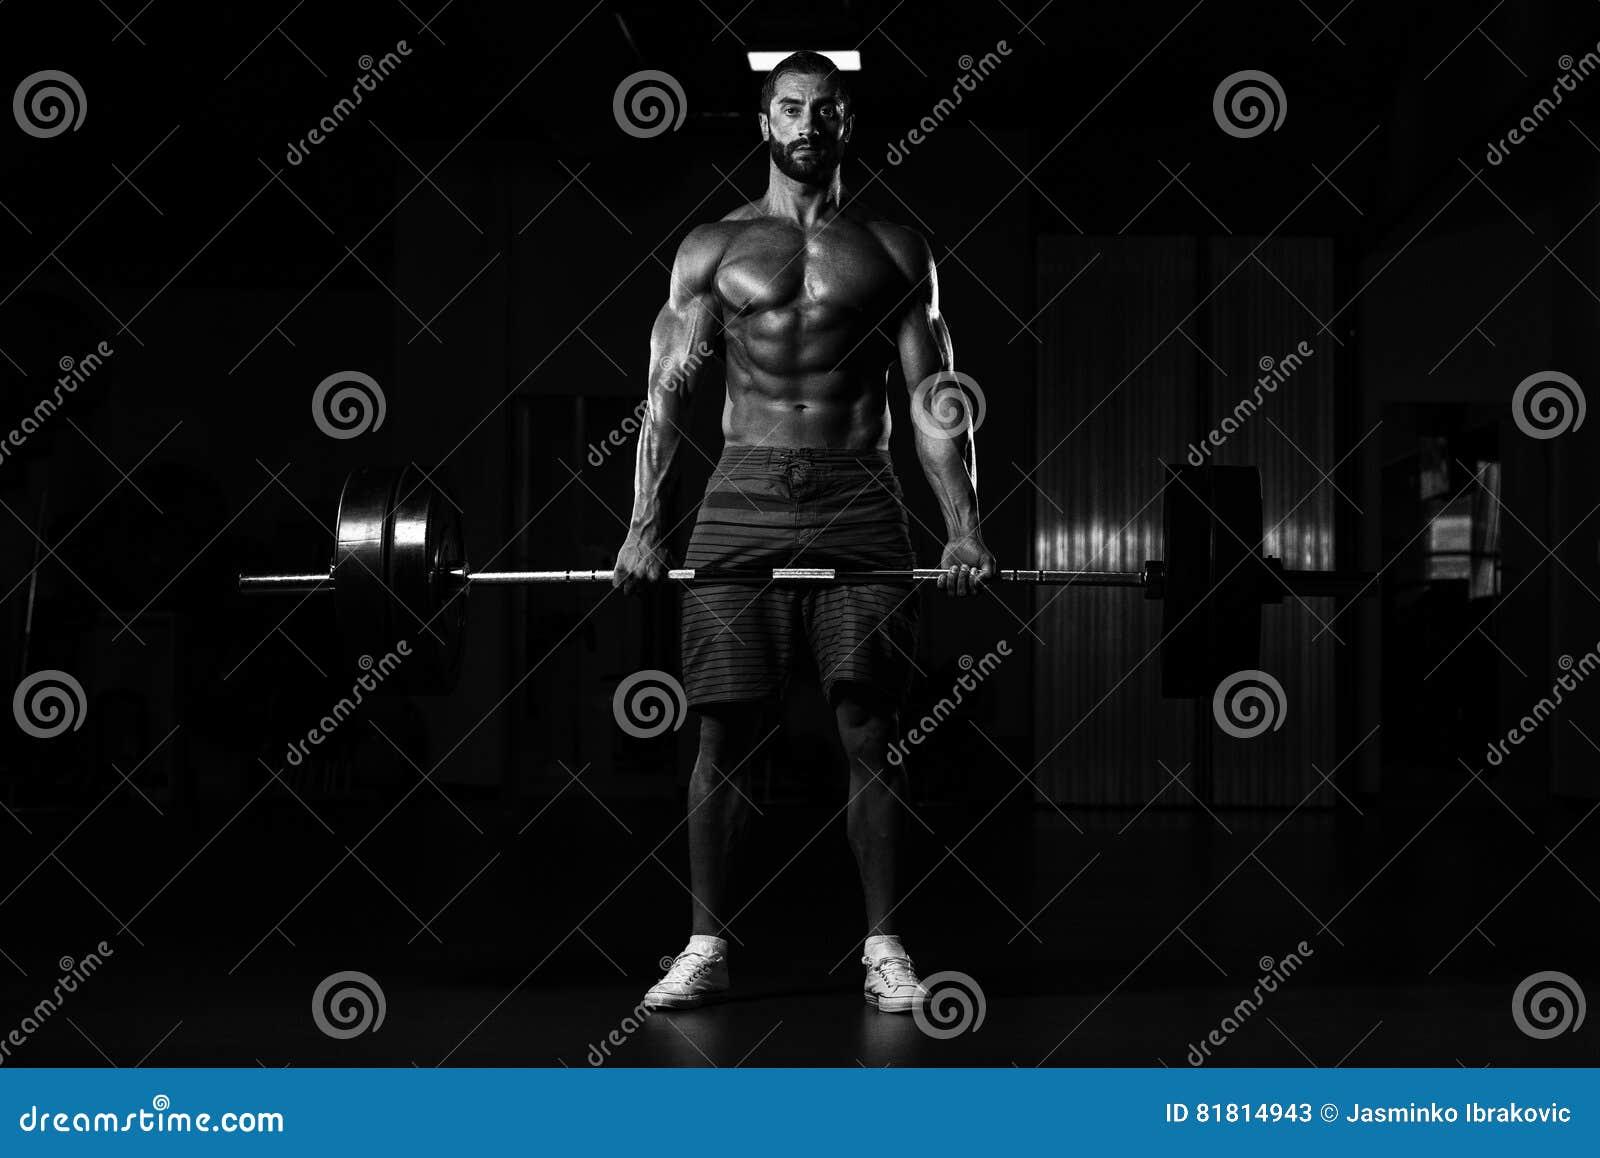 Задняя тренировка с штангой в фитнес-центре